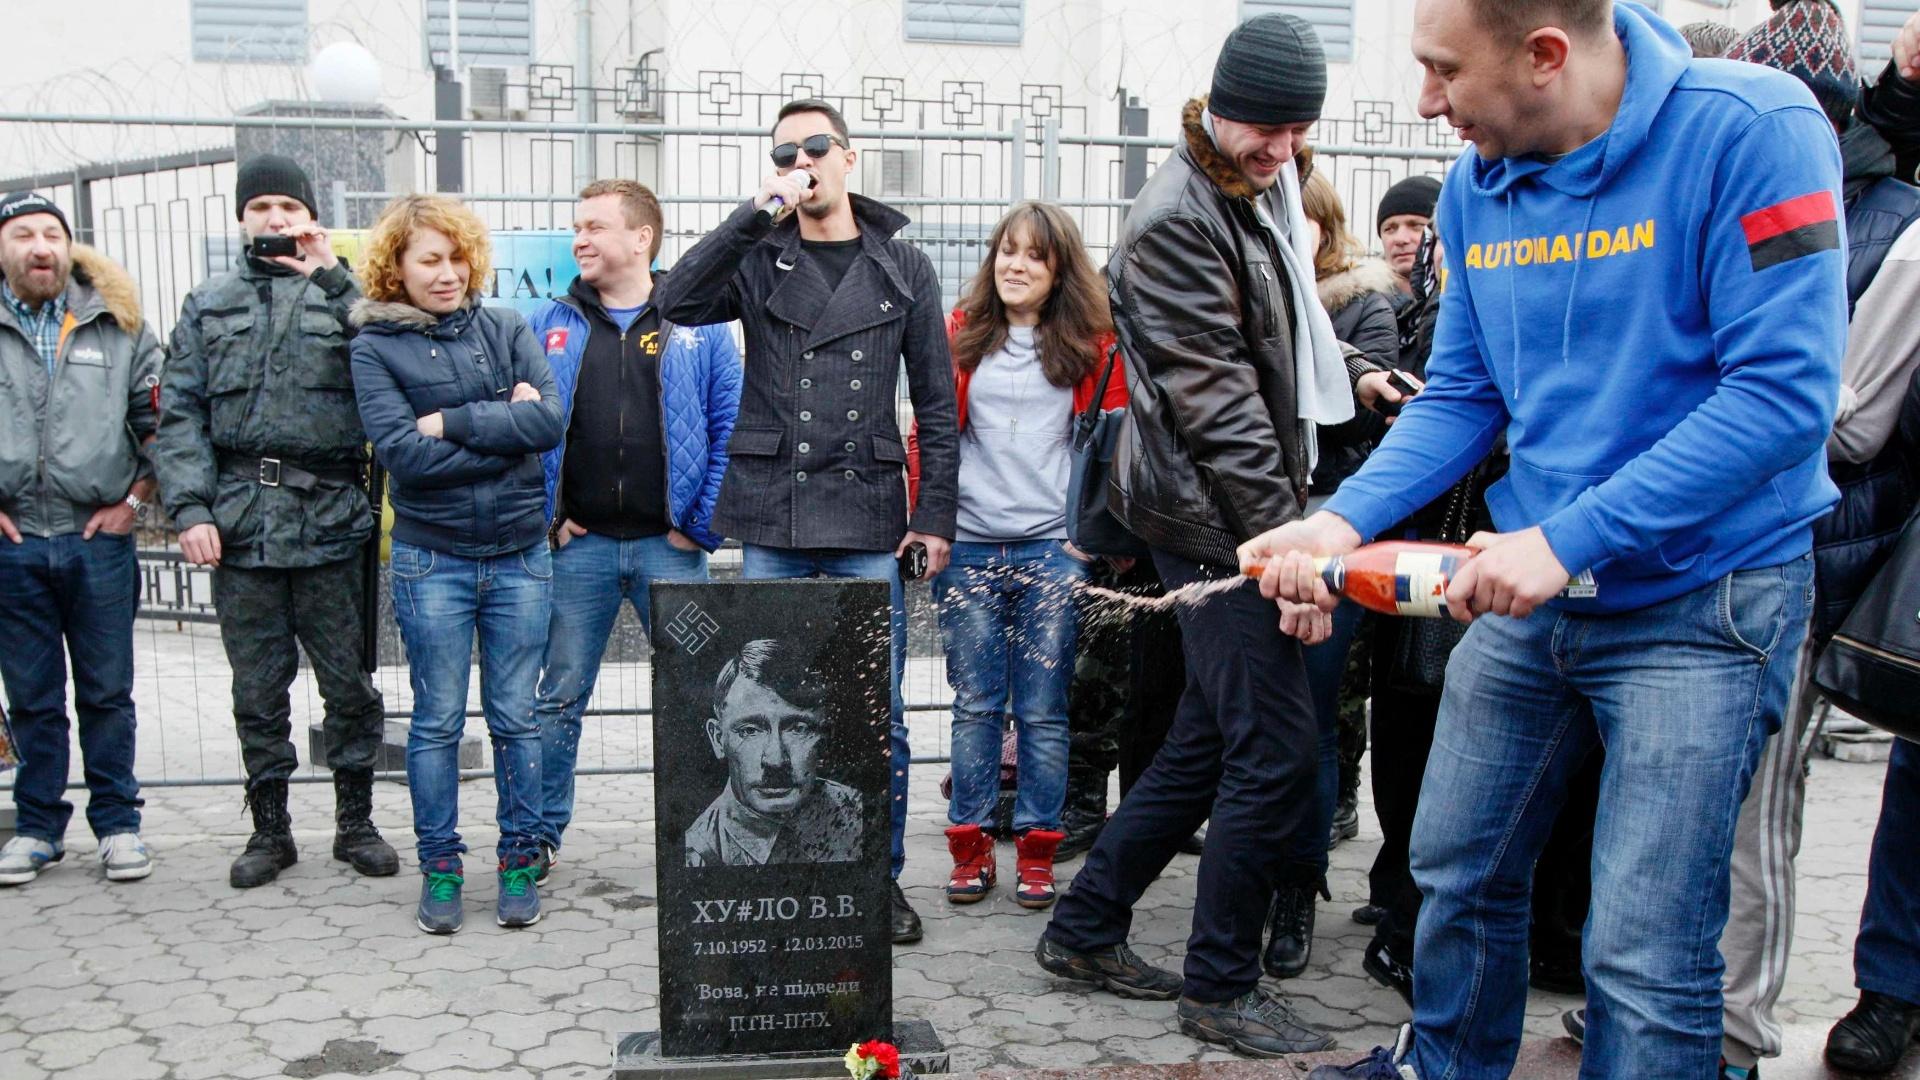 15.mar.2015 - Militantes ucranianos depositaram uma lápide de Vladimir Putin, representado como Adolf Hitler, na frente da embaixada da Rússia em Kiev, em referência às recentes especulações sobre o estado de saúde do presidente russo